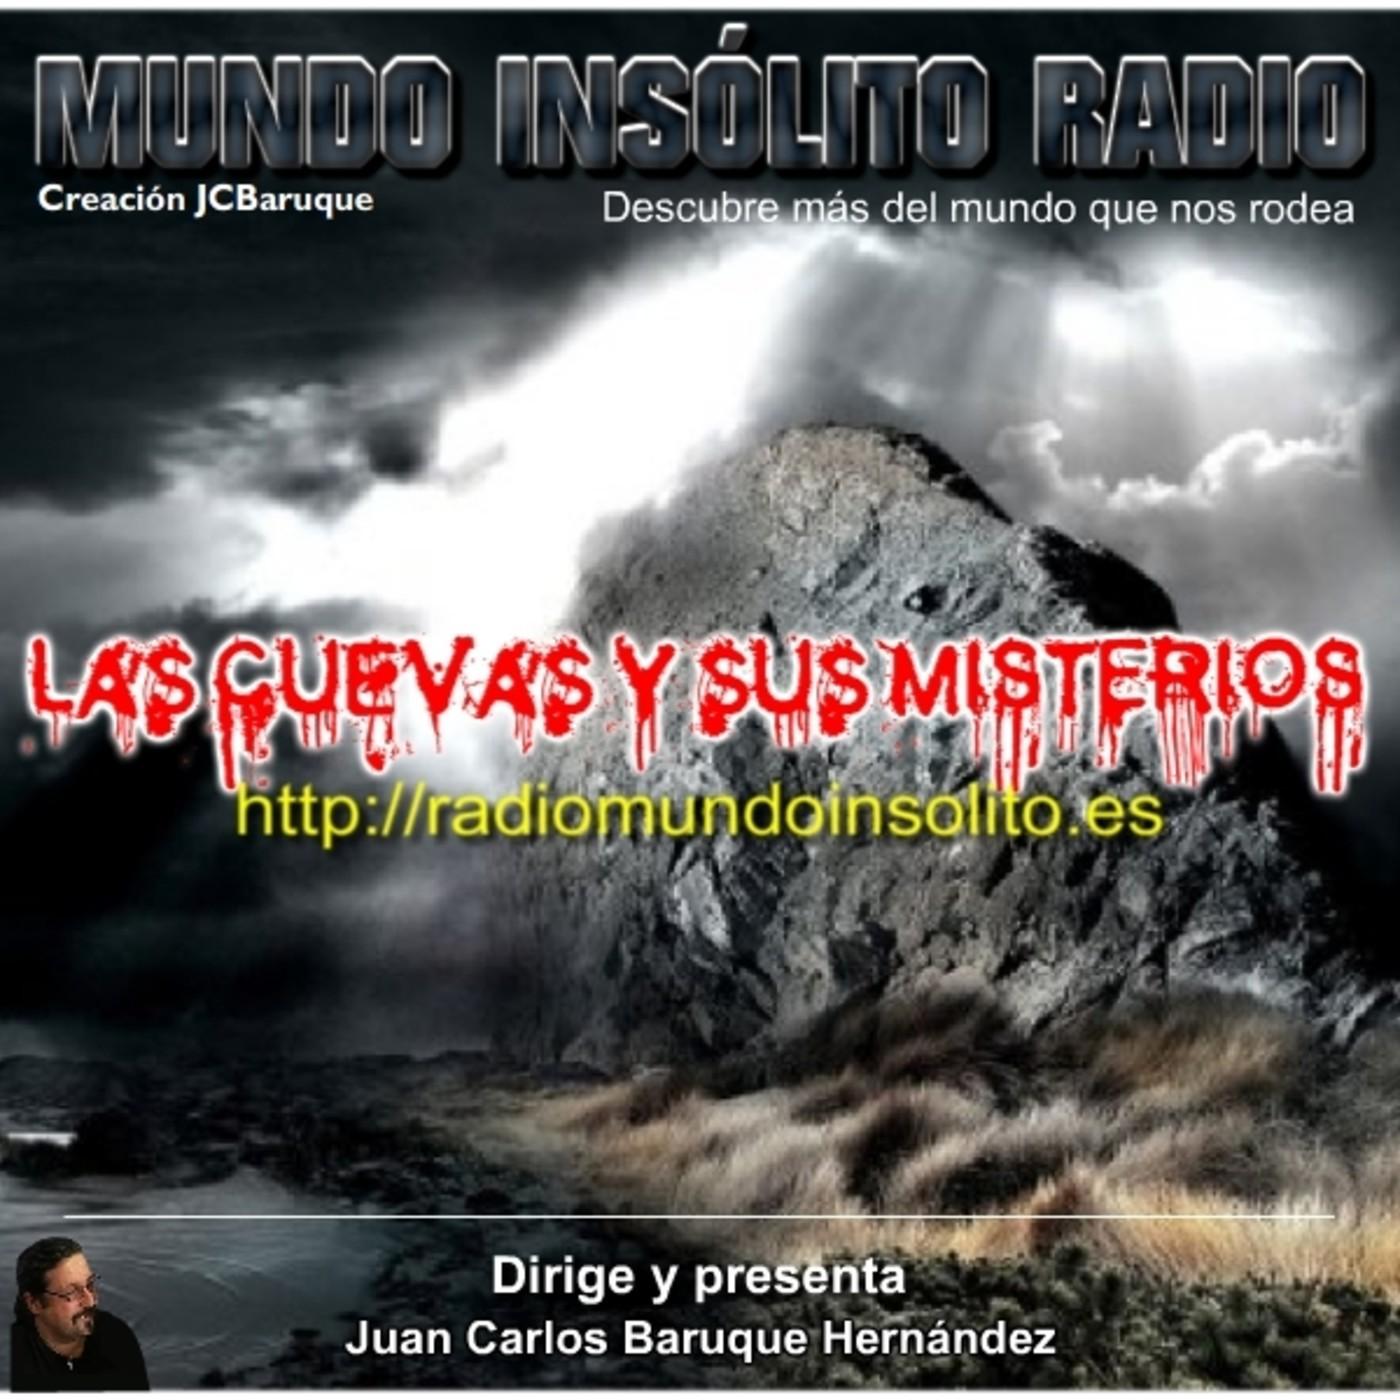 95/3. Cuevas y misterios. Gigantes de Guayaquil. Aparecidos ...